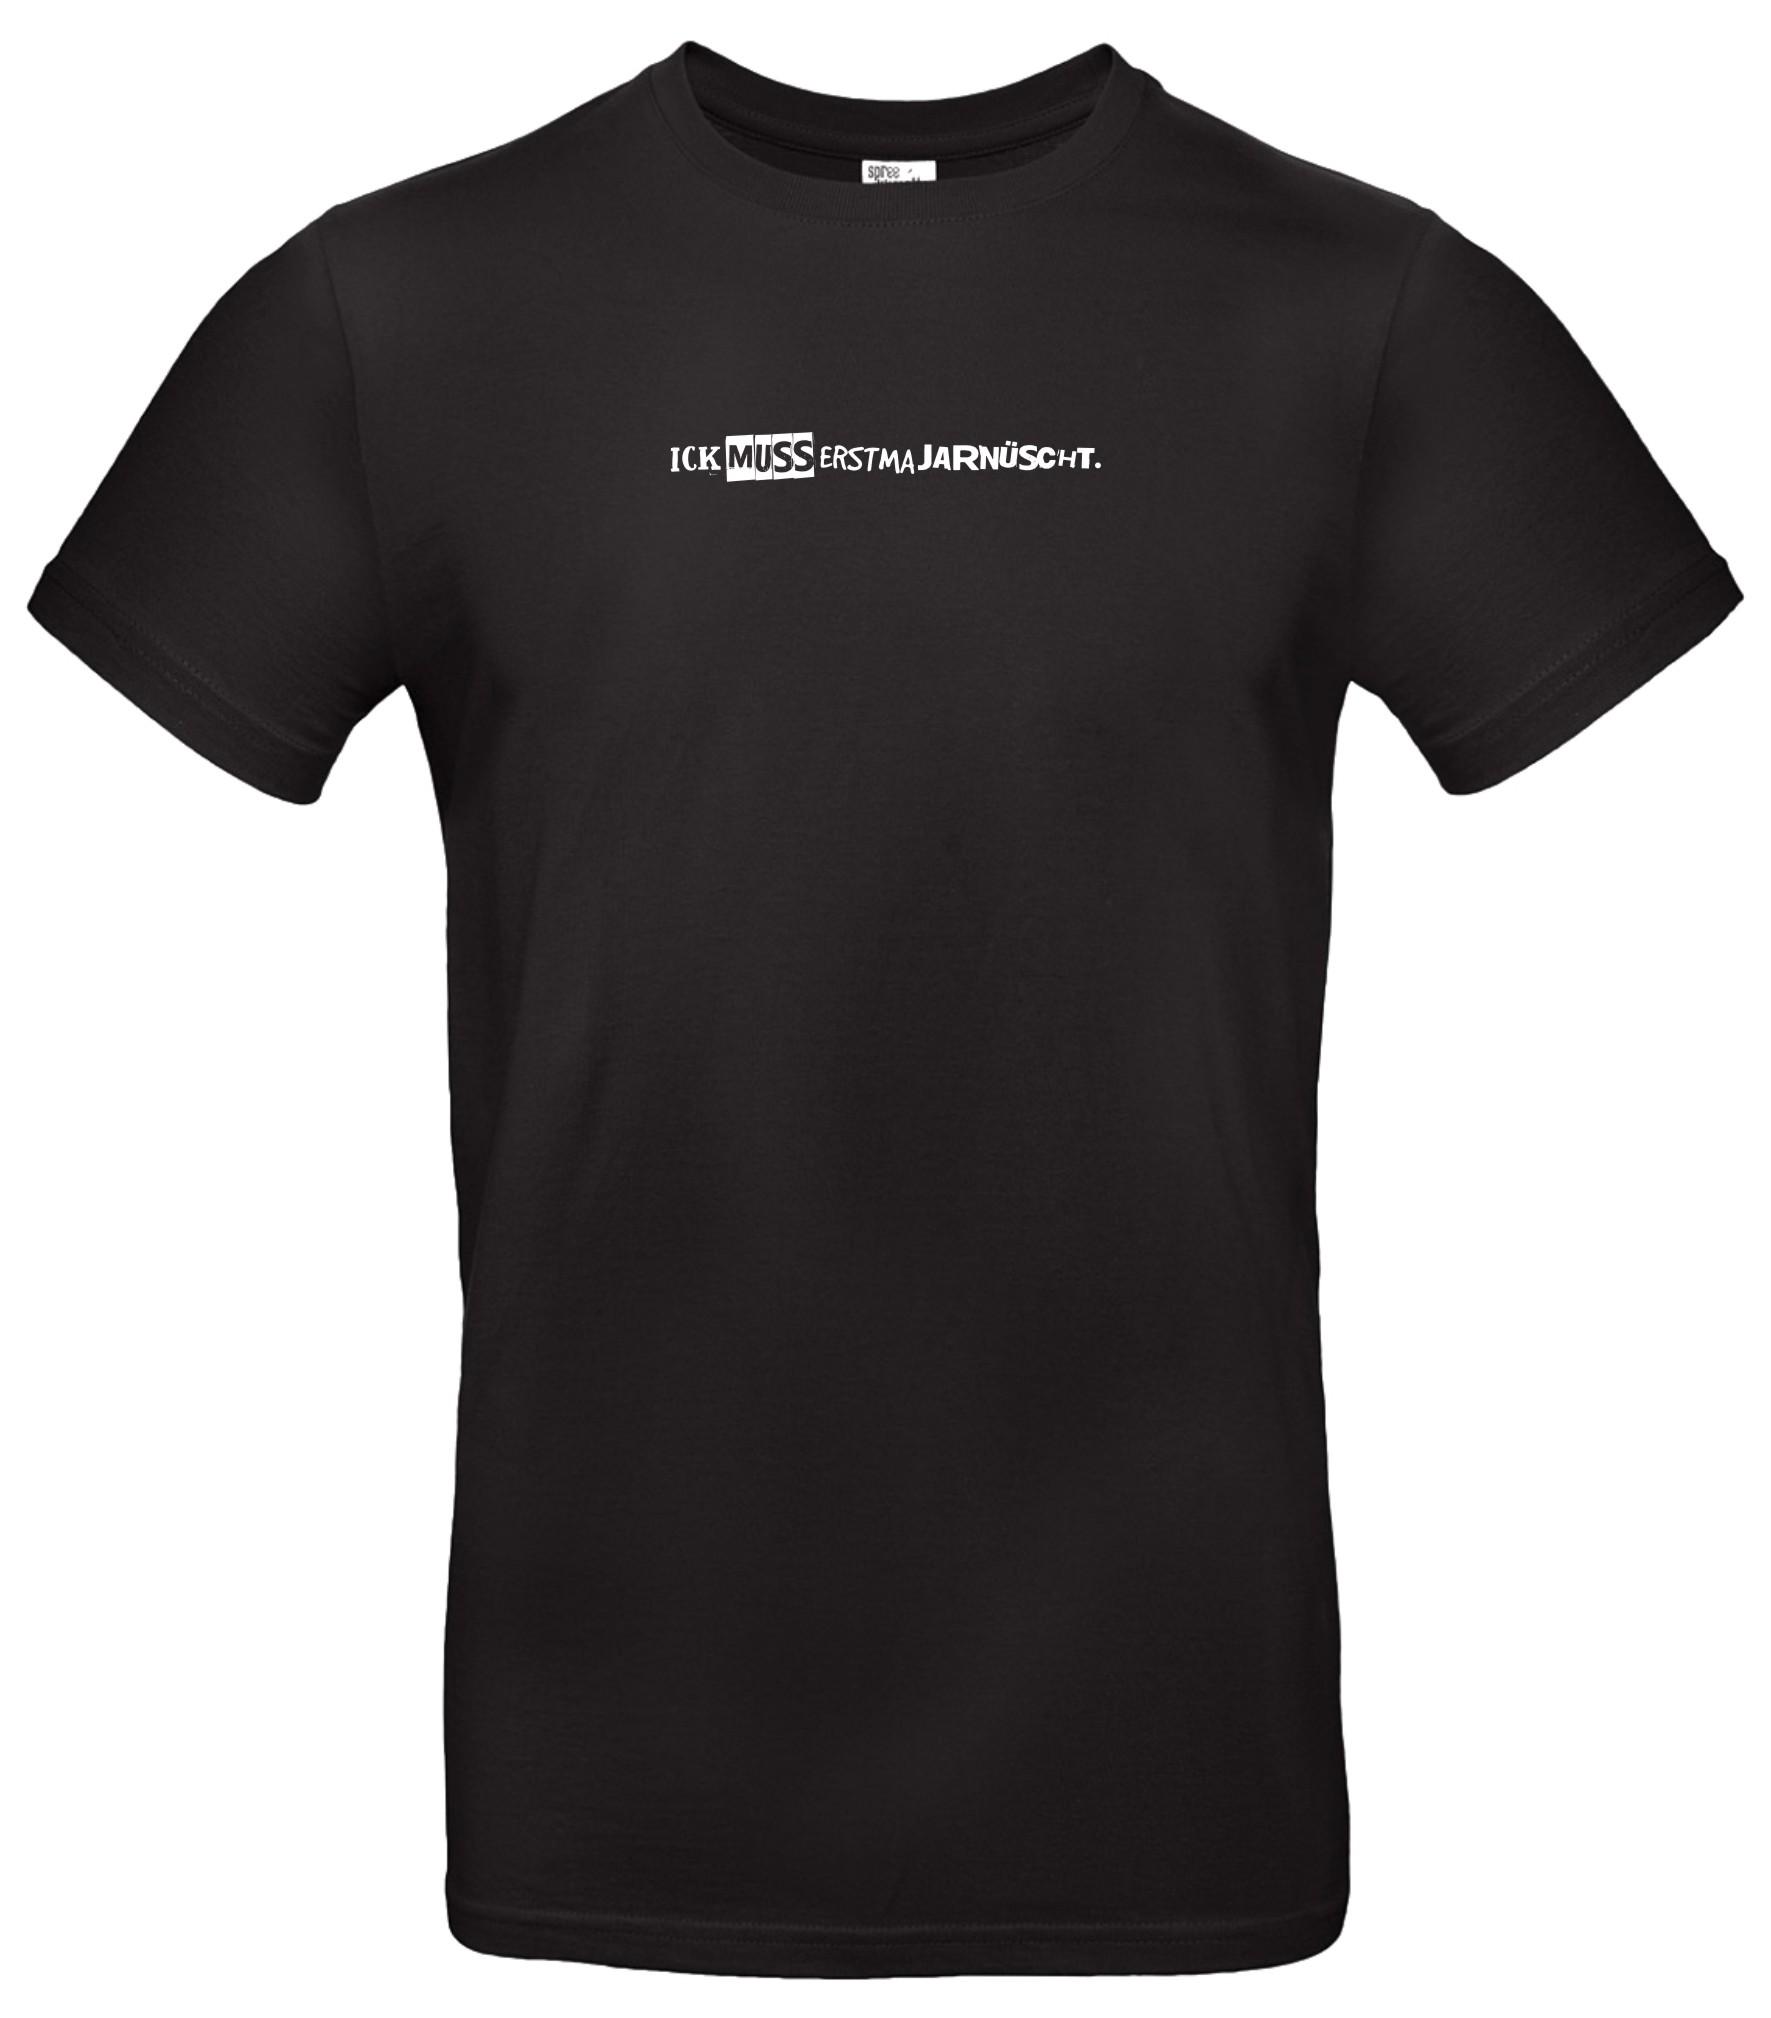 Spree Shirt Männer schwarz ick muss ertma jarnüscht